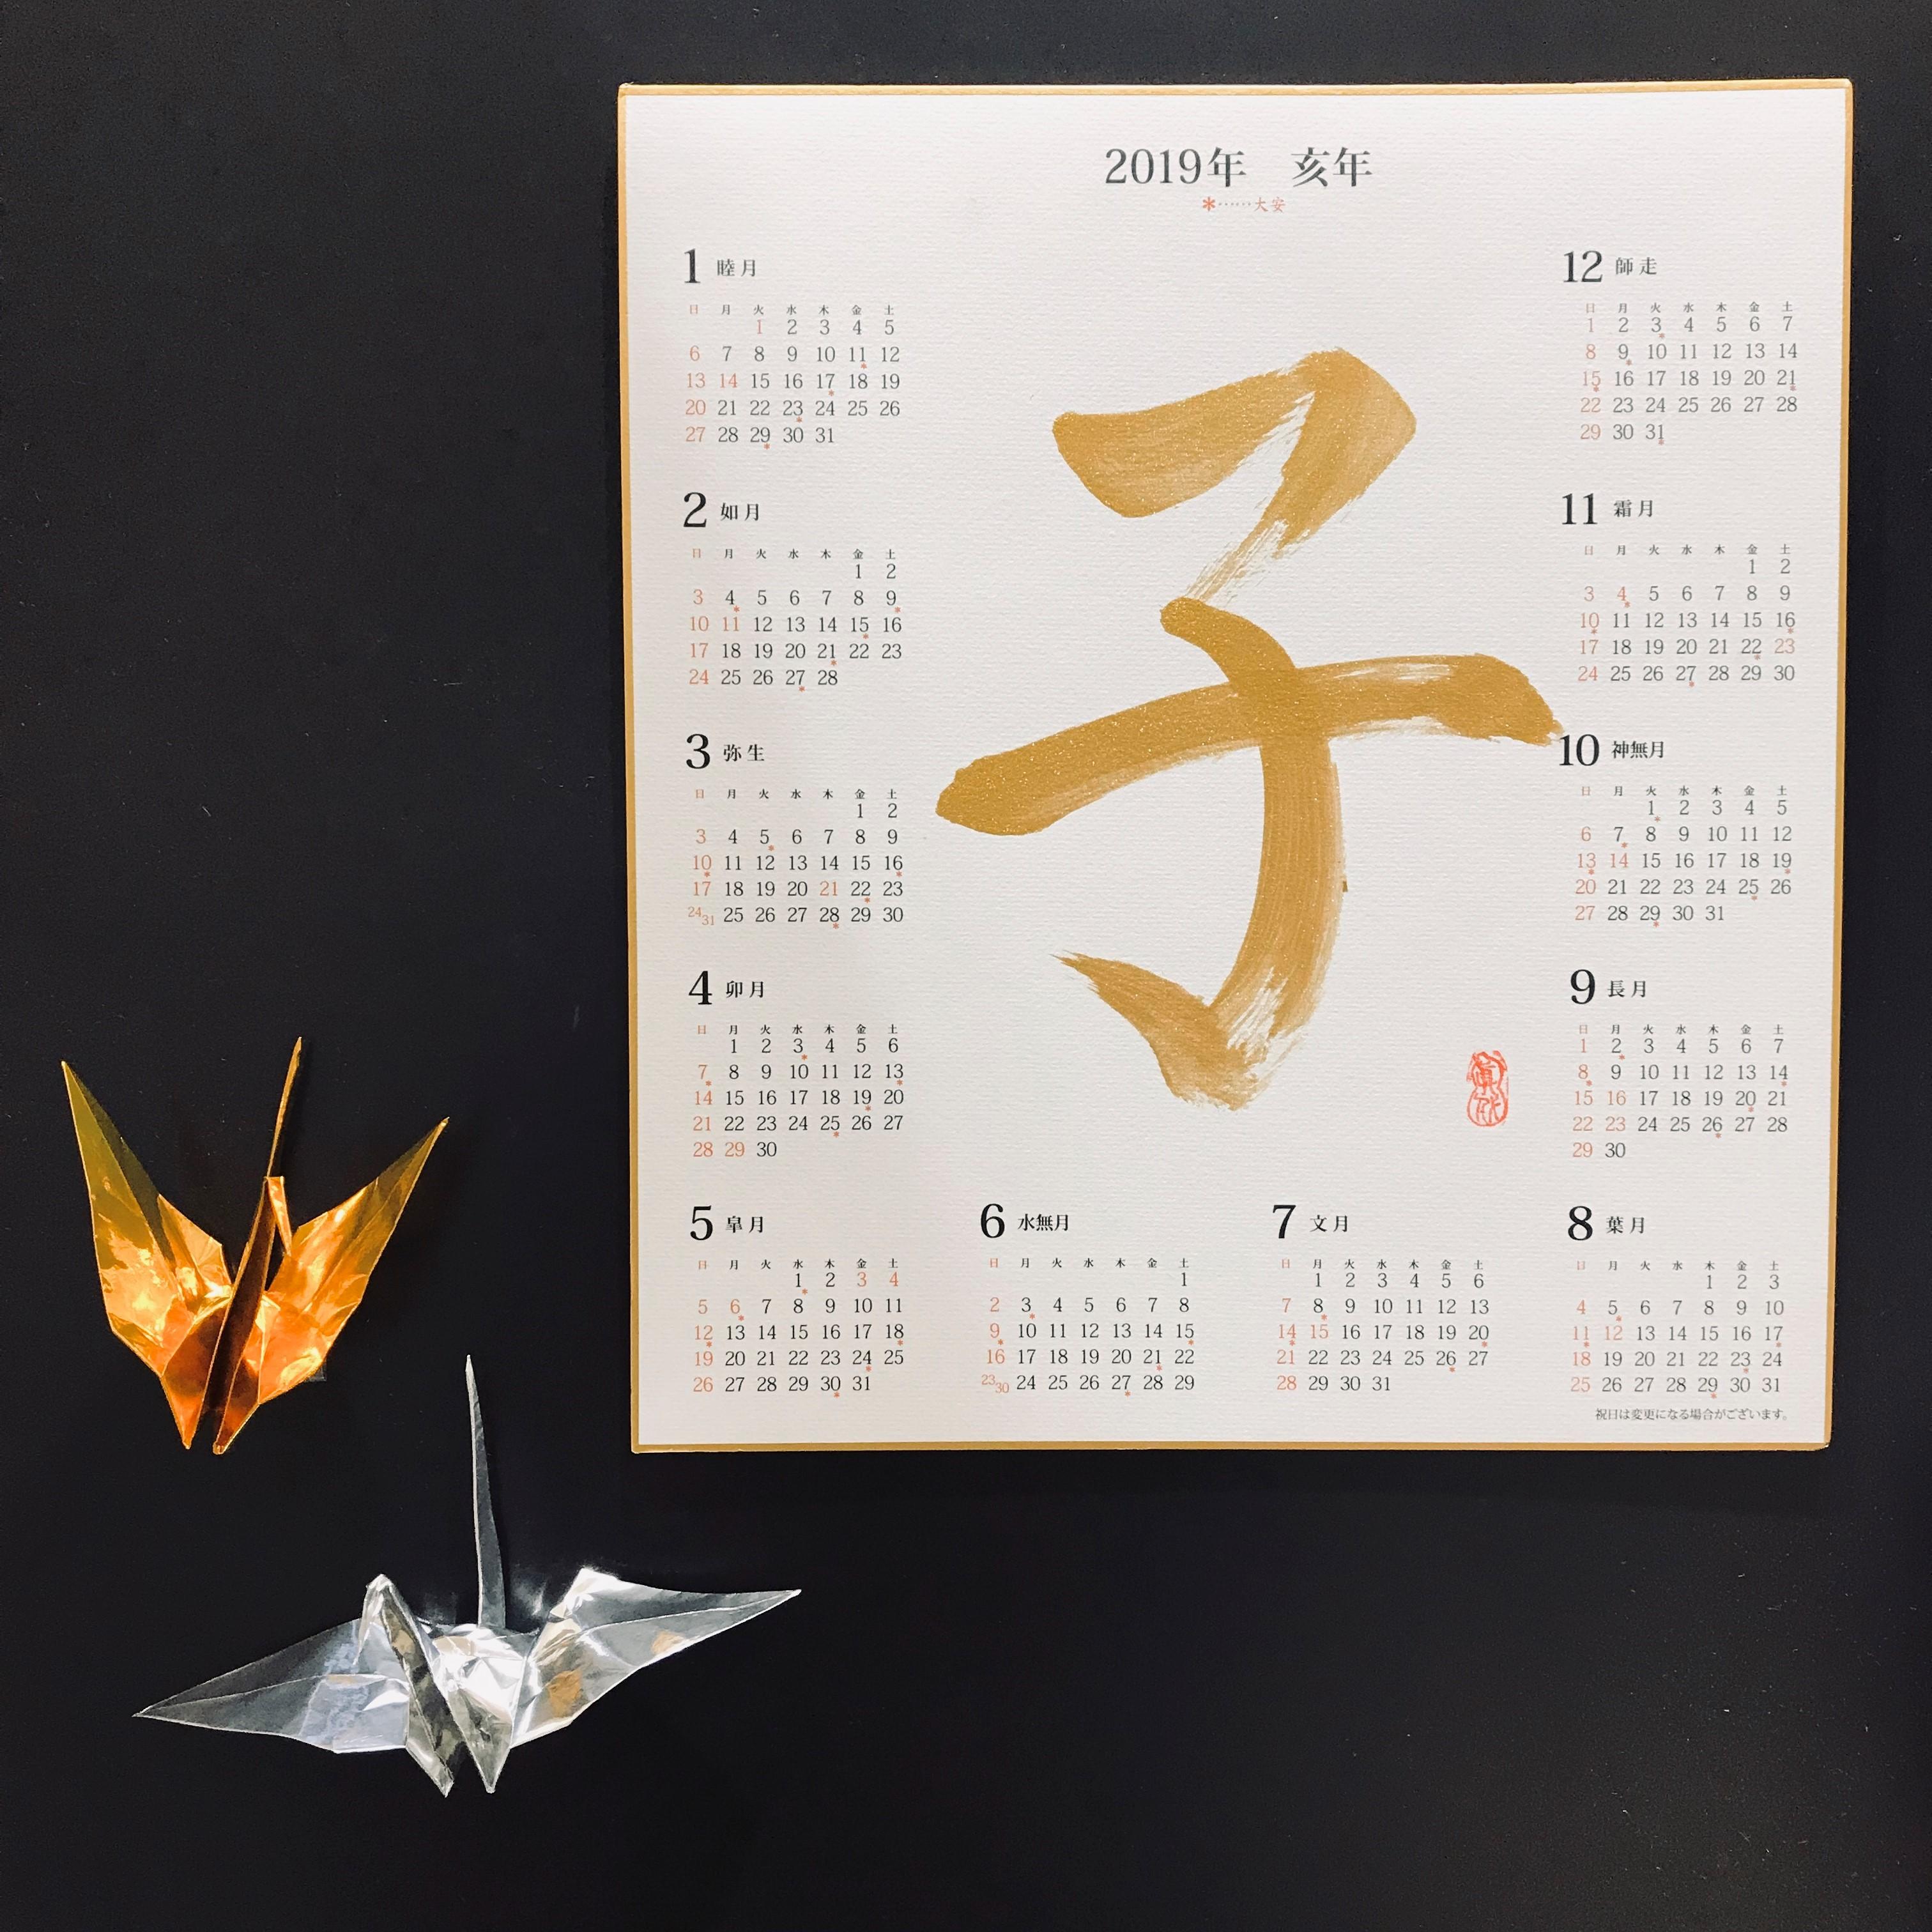 キービジュアル画像:【エアポートウォーク名古屋】12月28日(土) 「書」で色紙カレンダーをつくろう|イベント情報